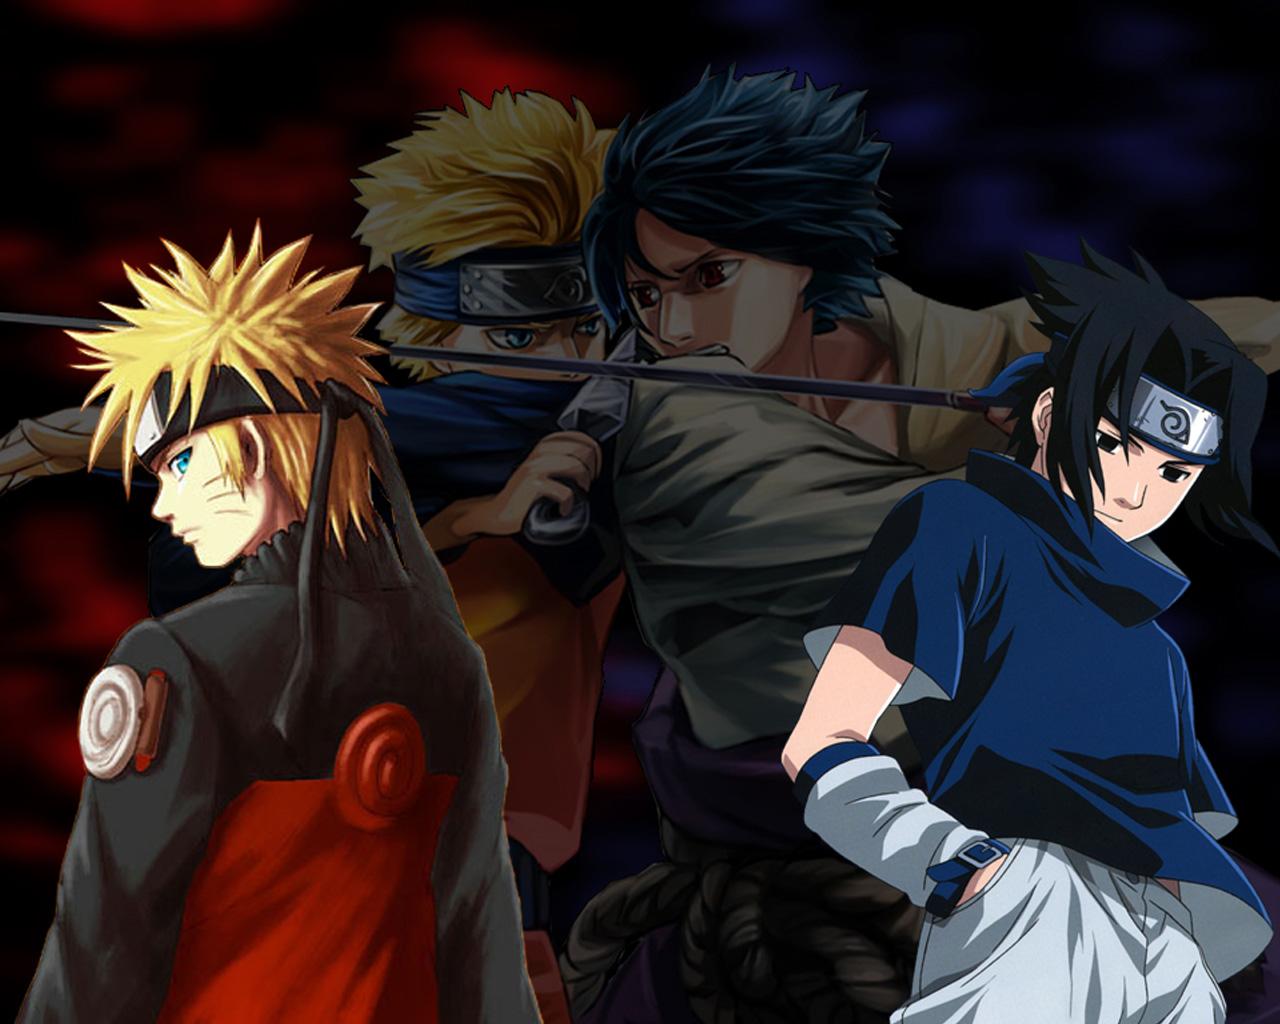 Download 740 Wallpaper Of Naruto And Sasuke HD Paling Keren